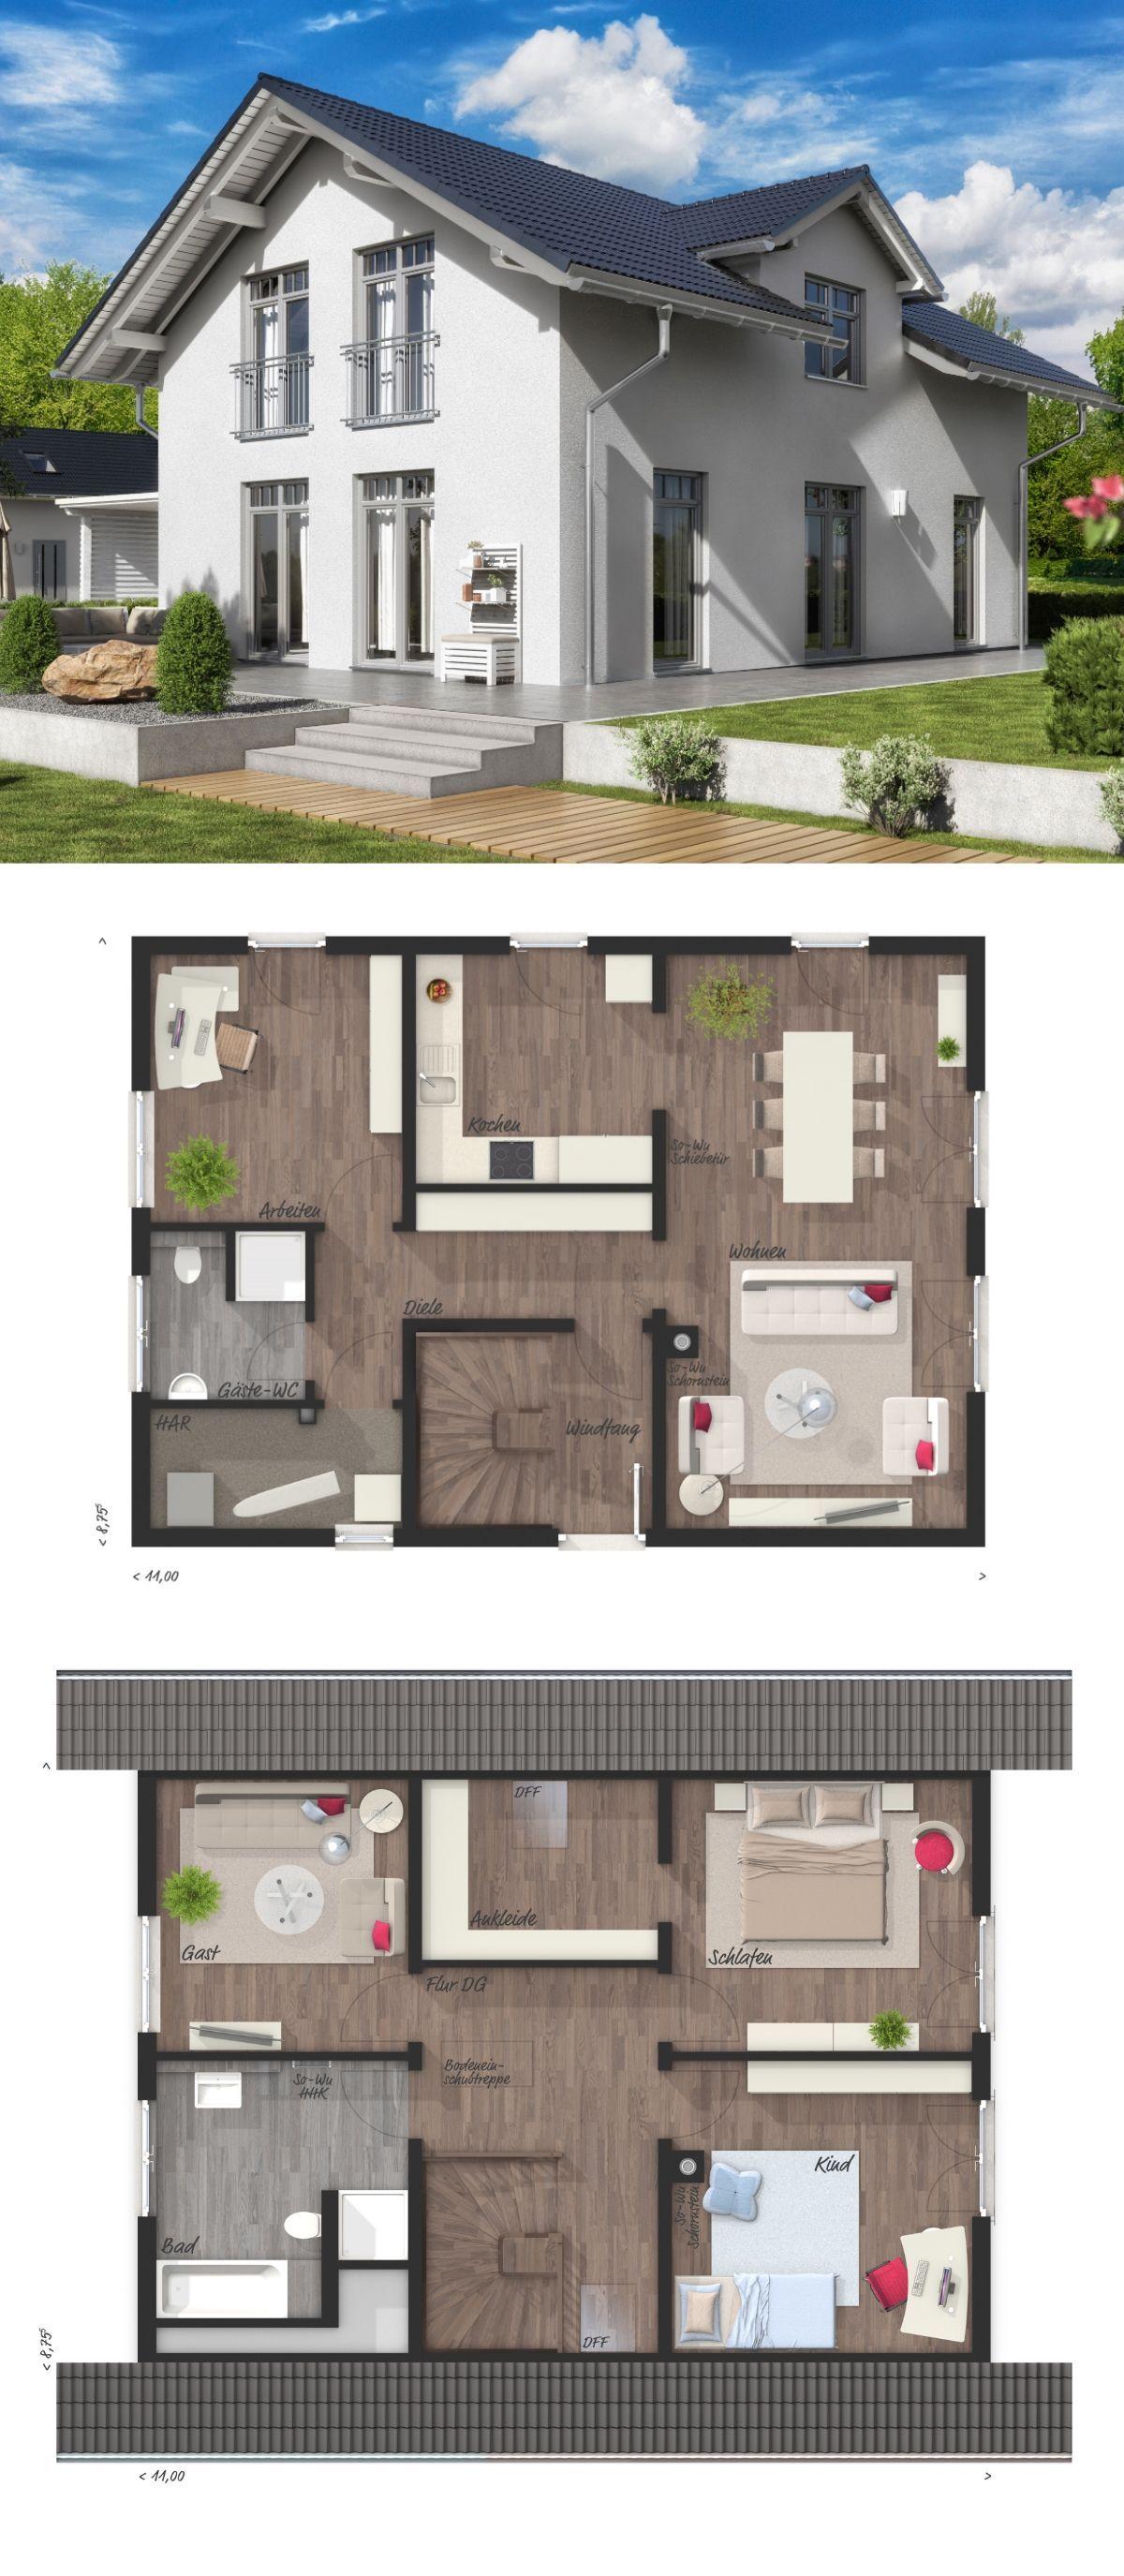 modernes haus grundriss mit satteldach architektur zwerchgiebel einfamilienhaus bauen ideen. Black Bedroom Furniture Sets. Home Design Ideas